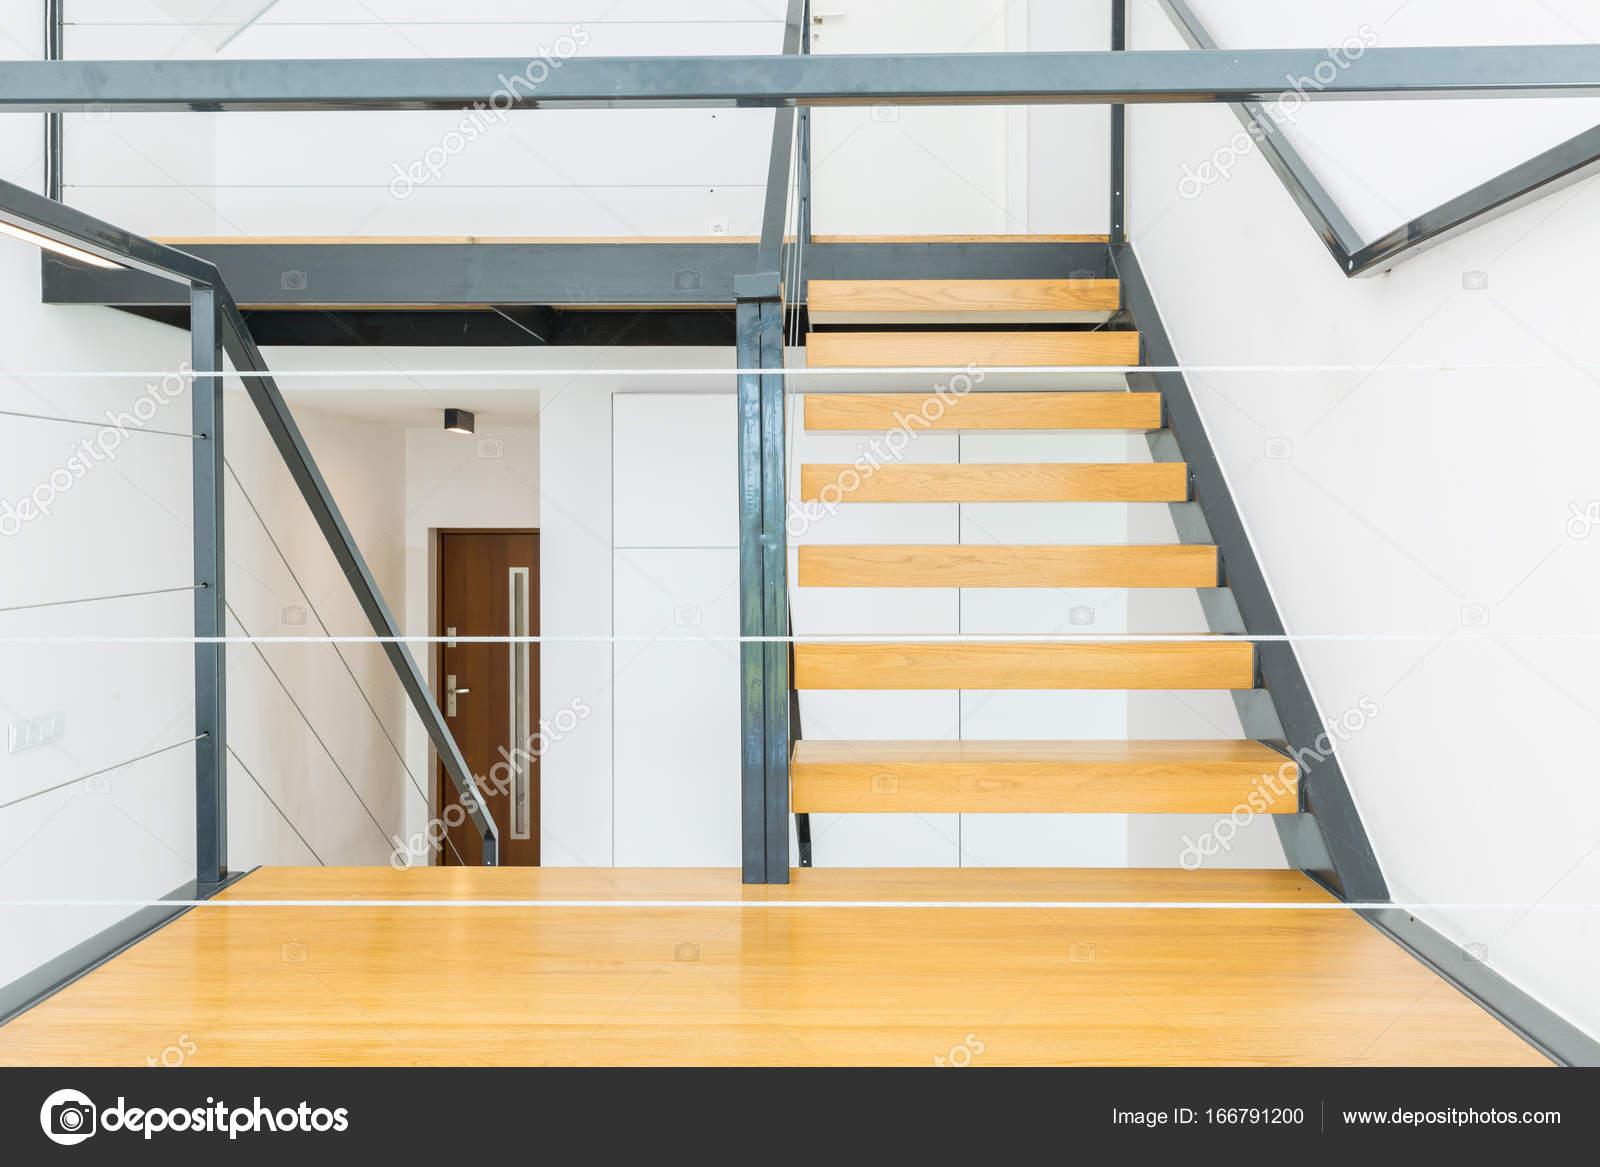 Escaleras de madera y barandilla de metal fotos de stock for Escaleras de metal y madera